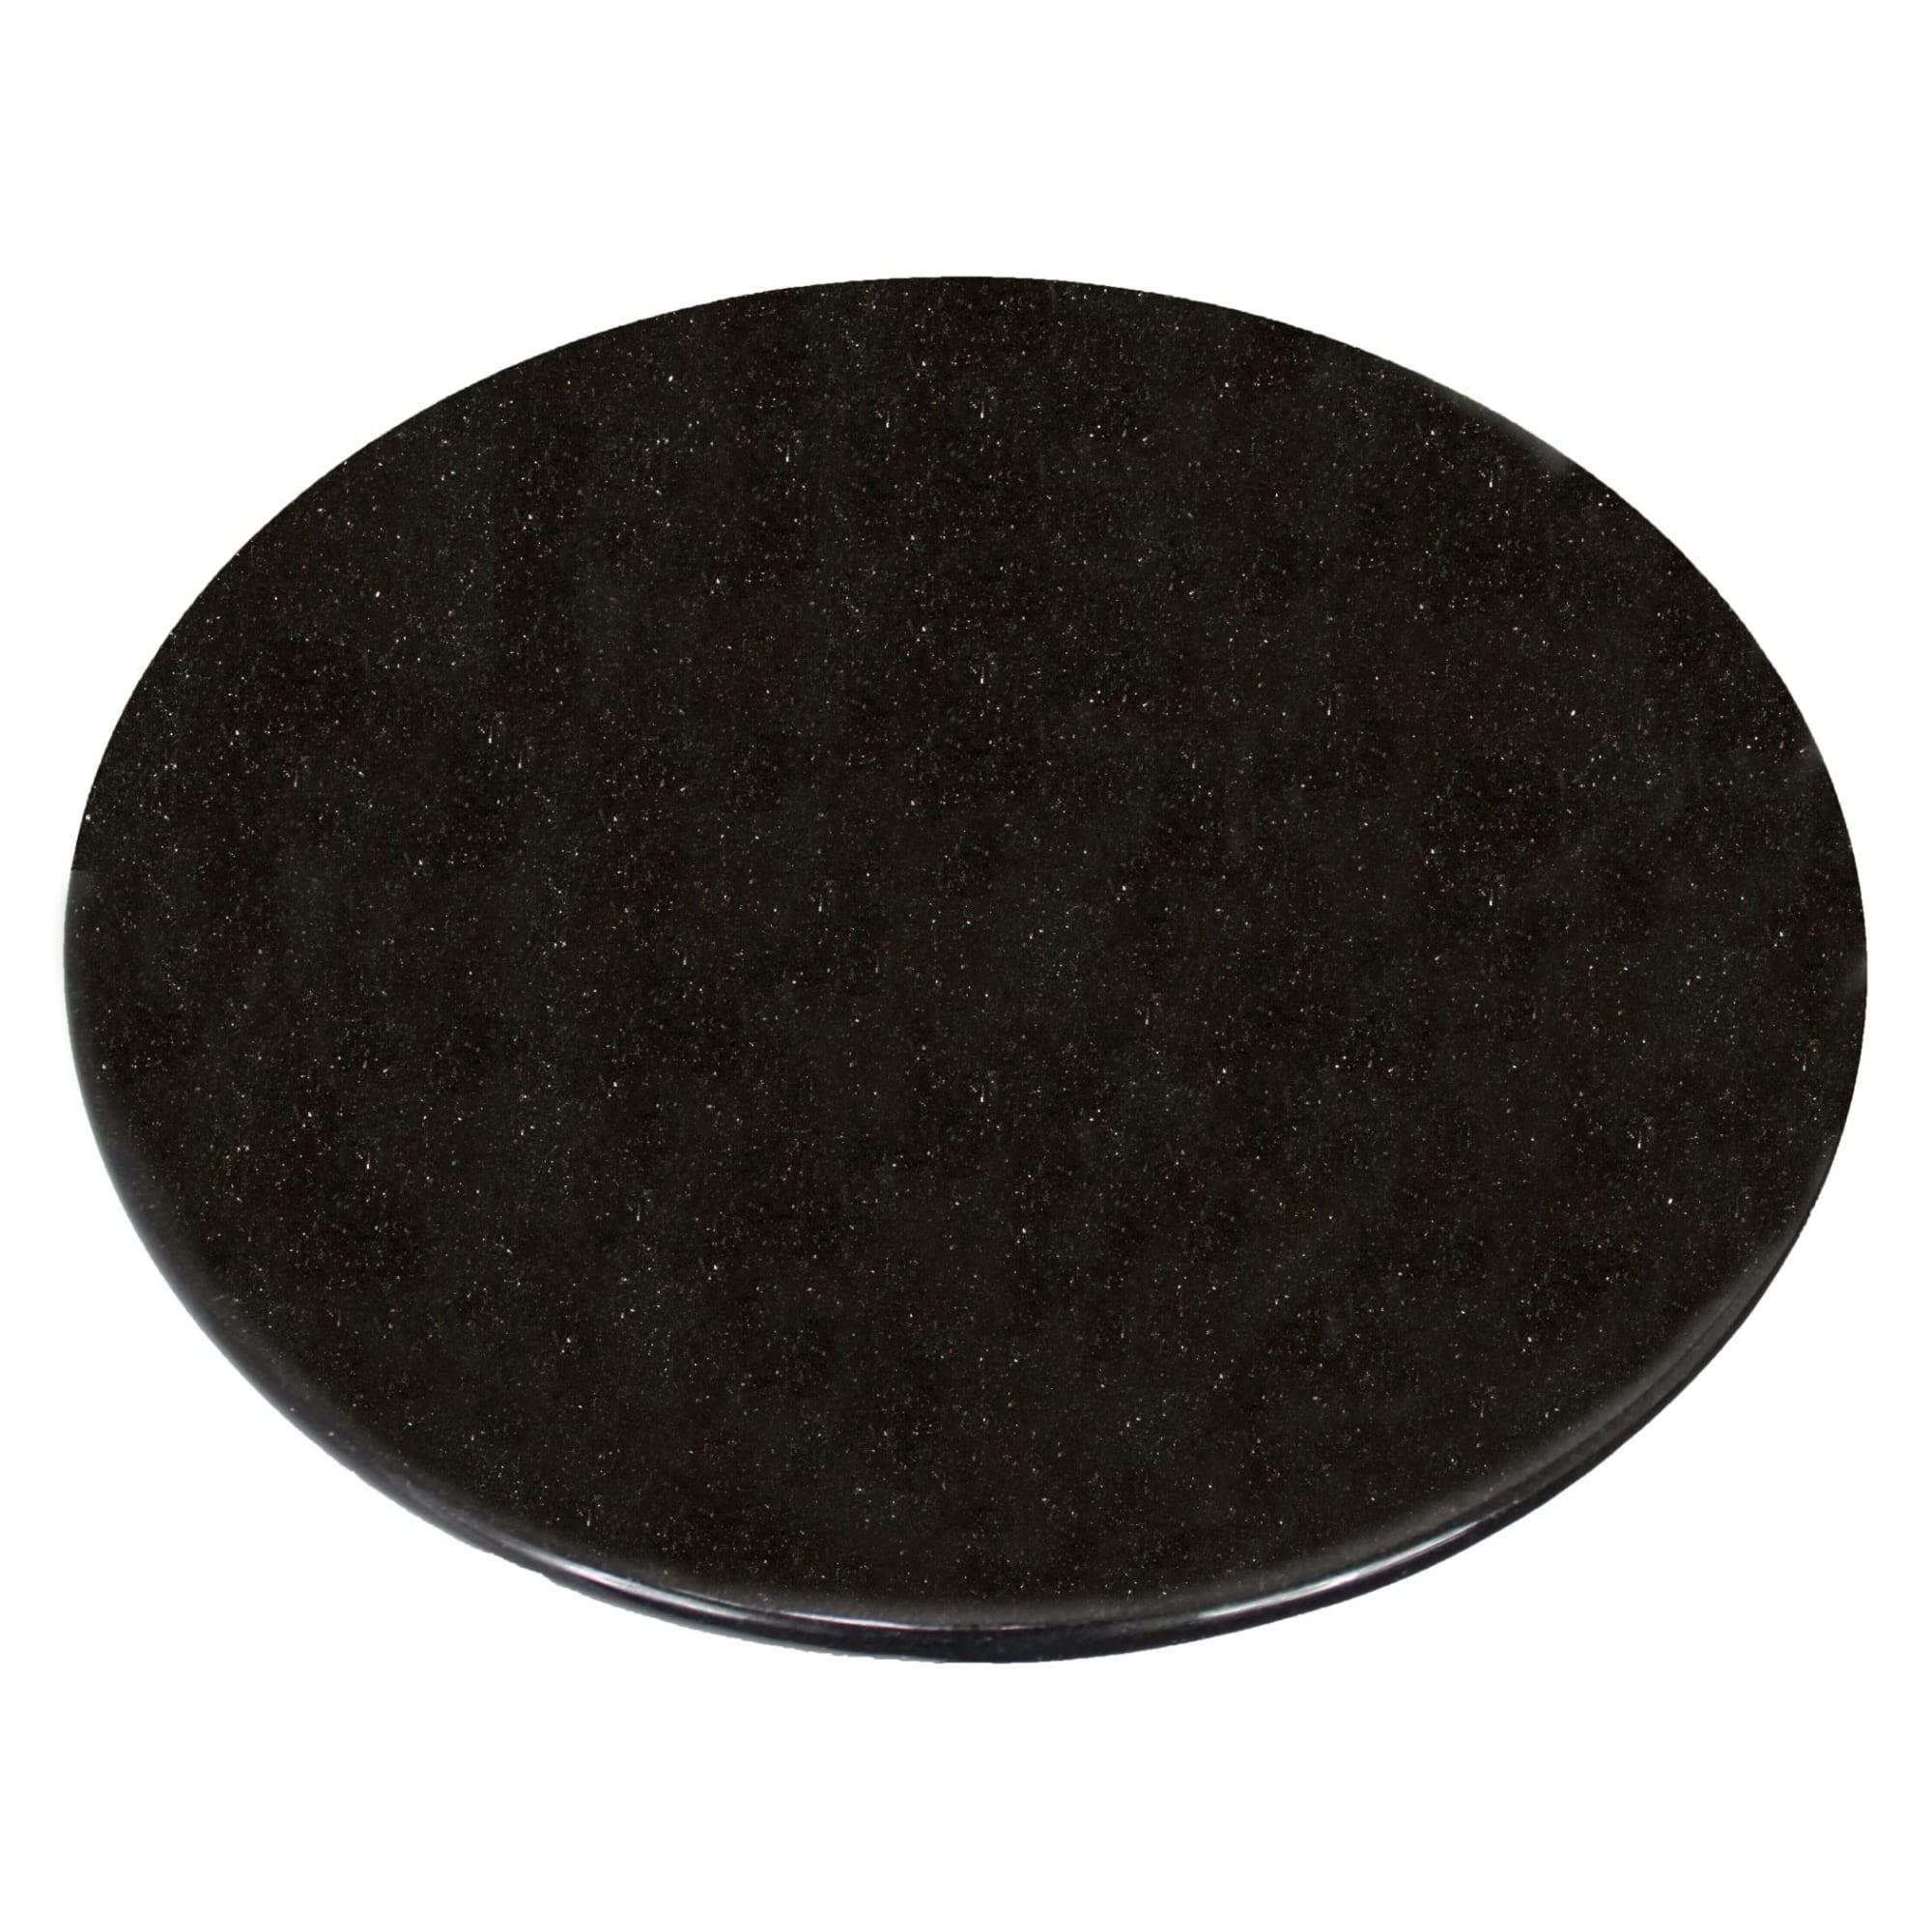 Premium Granite Table Top